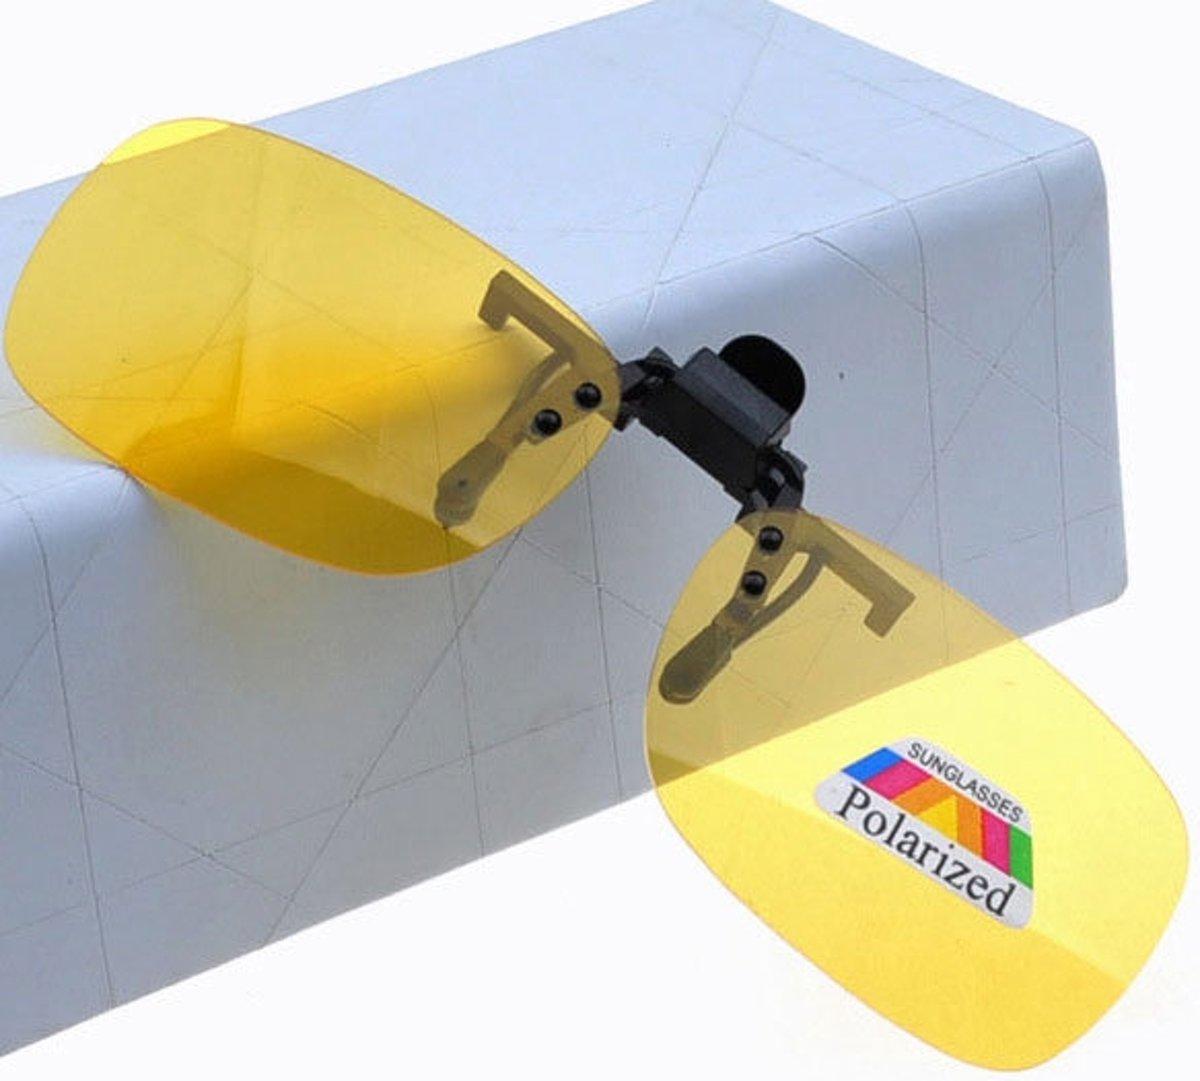 ecf4747fef1762 Clip On Voorzet Zonnebril - Rechthoek Model - Geel - Maak van je gewone  bril een